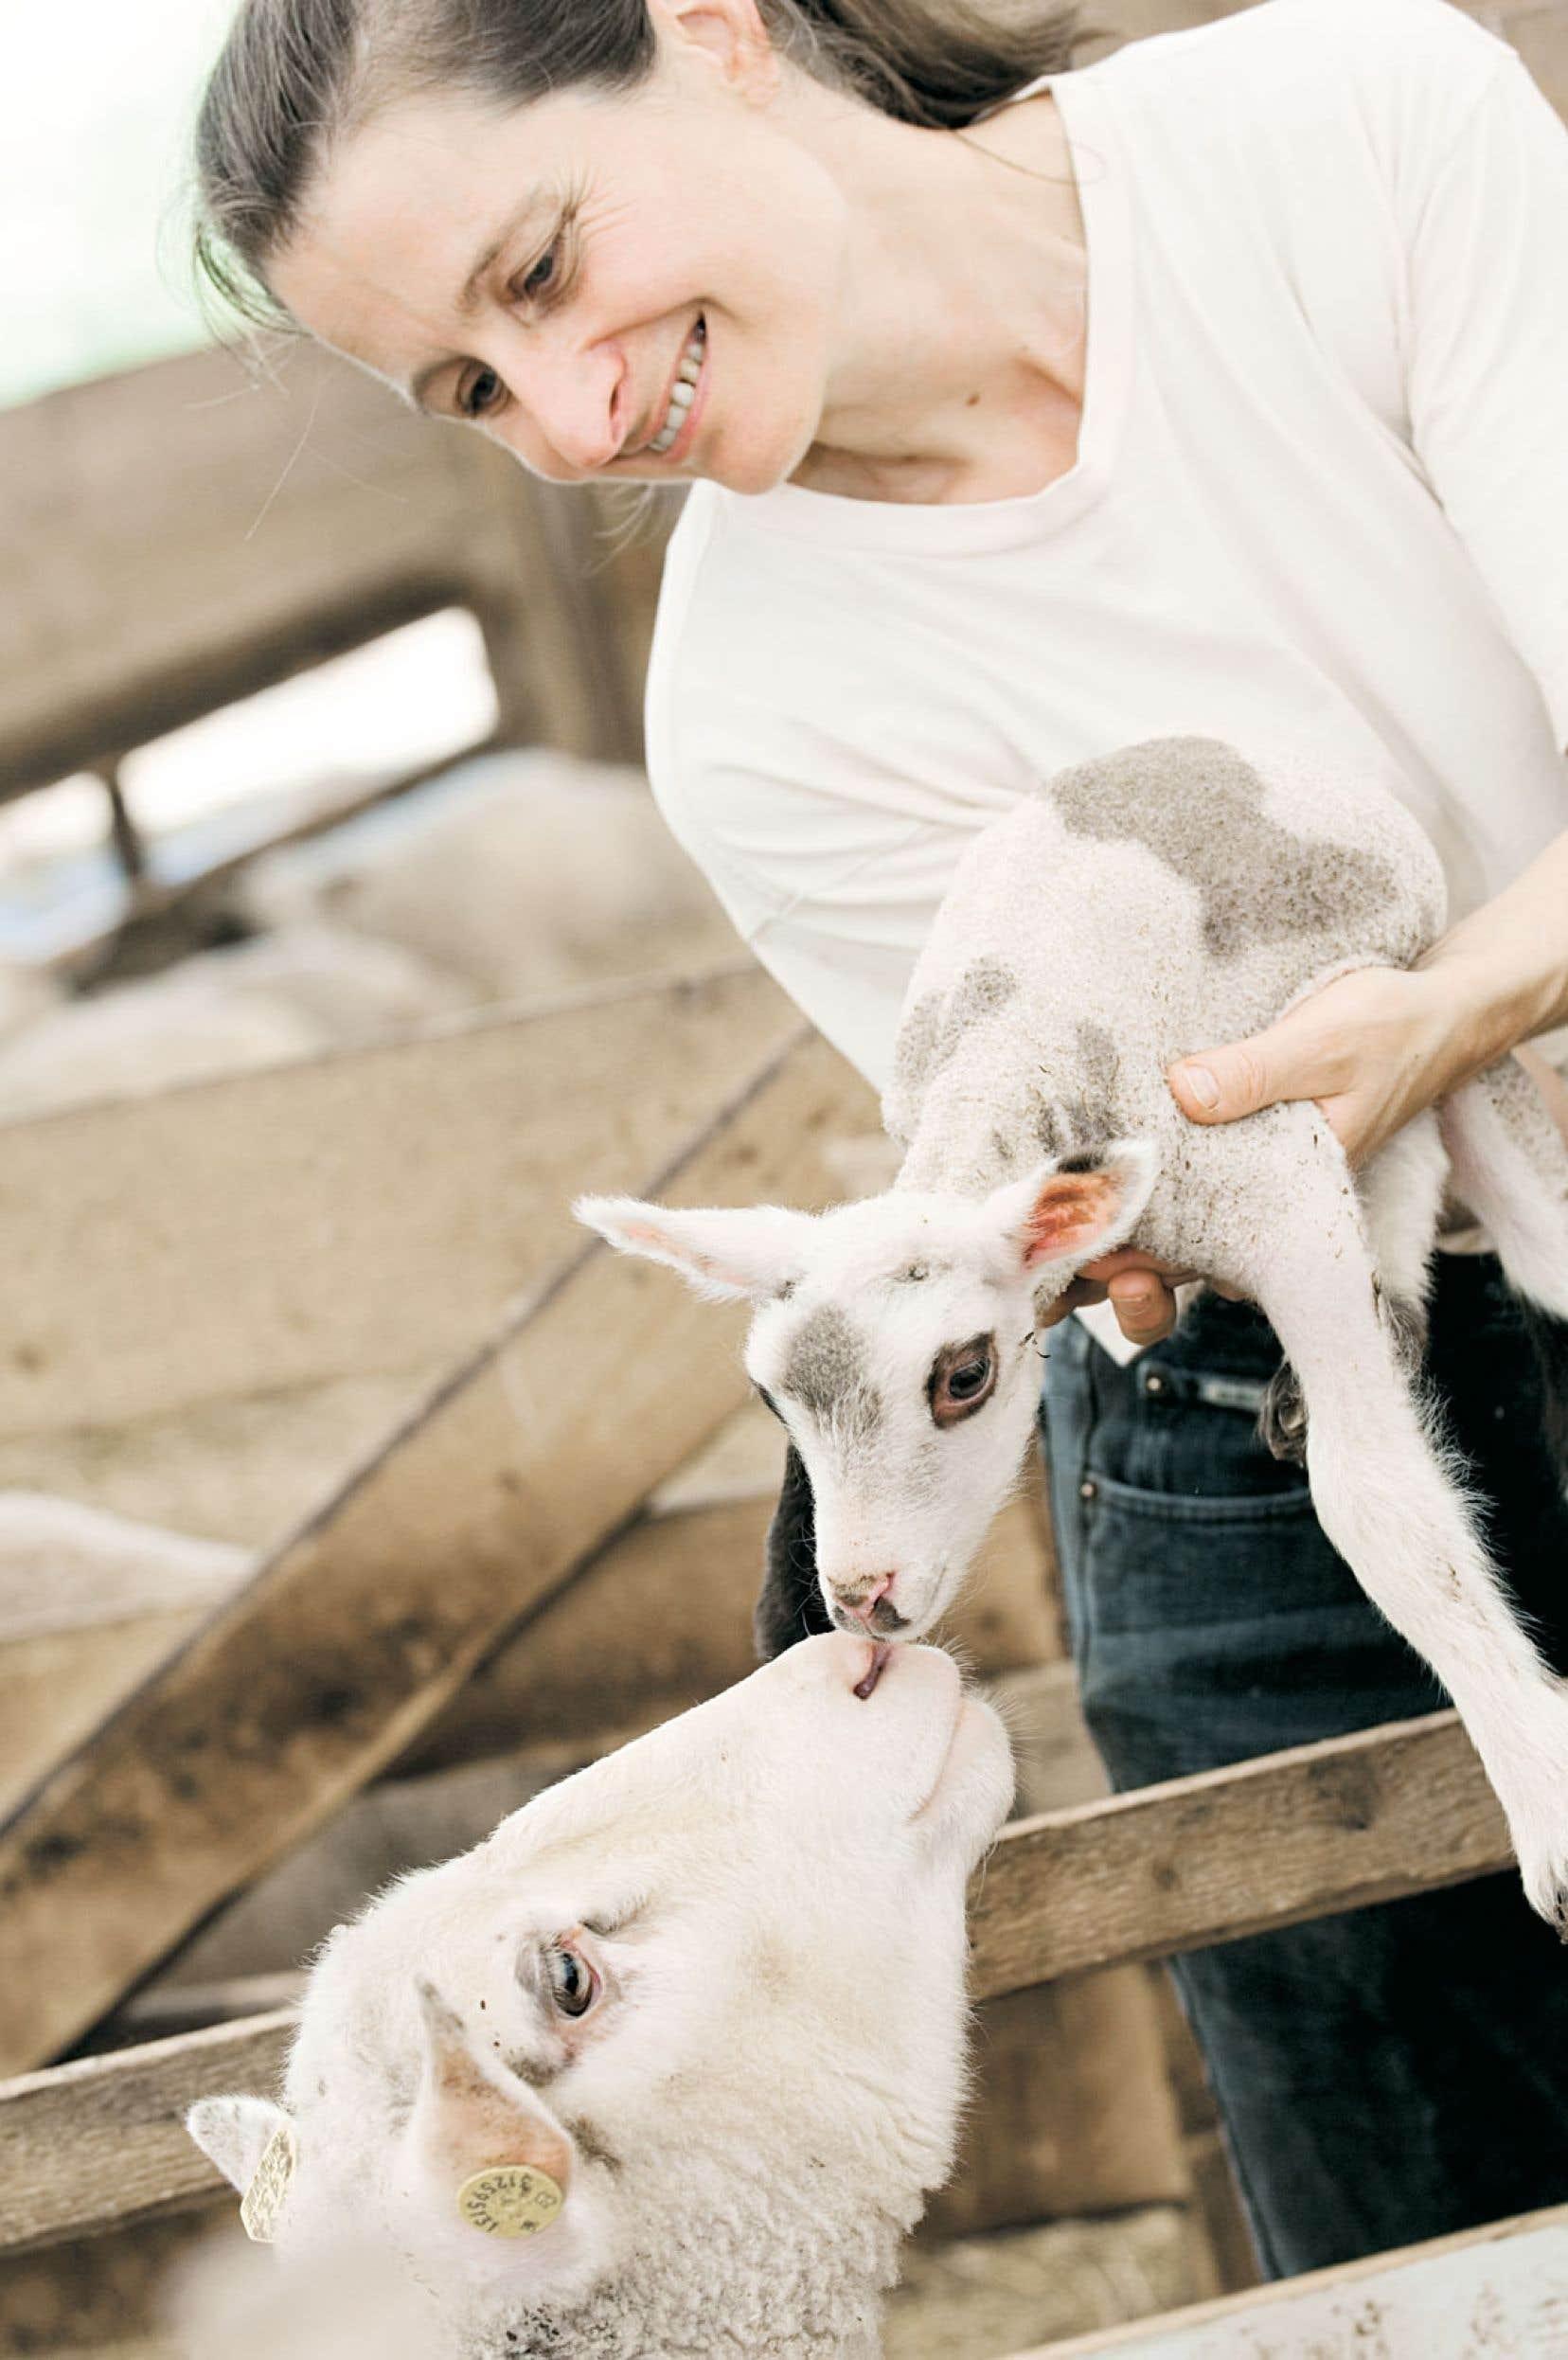 La production d'un agneau de boucherie est dispendieuse et requiert un suivi de tous les instants, selon Manon Lelièvre, productrice en Gaspésie.